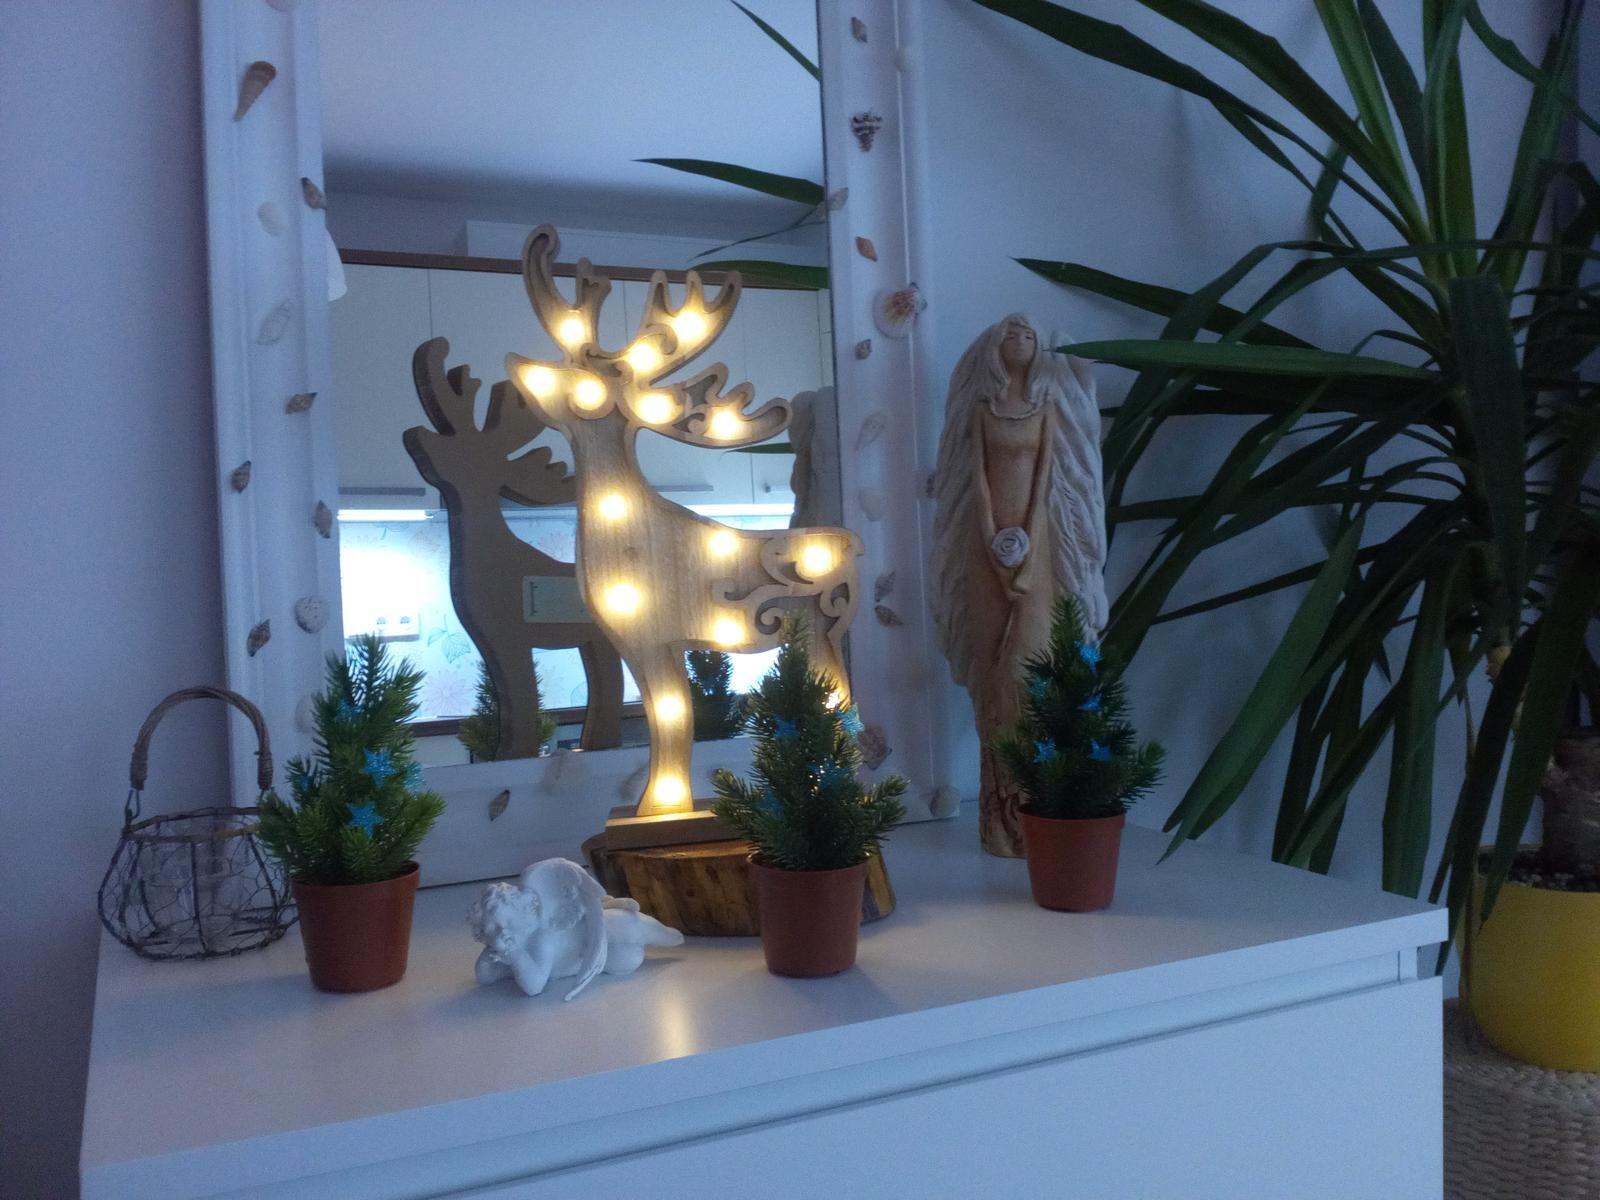 Moja druhá izba v Bratislave - Obrázok č. 25